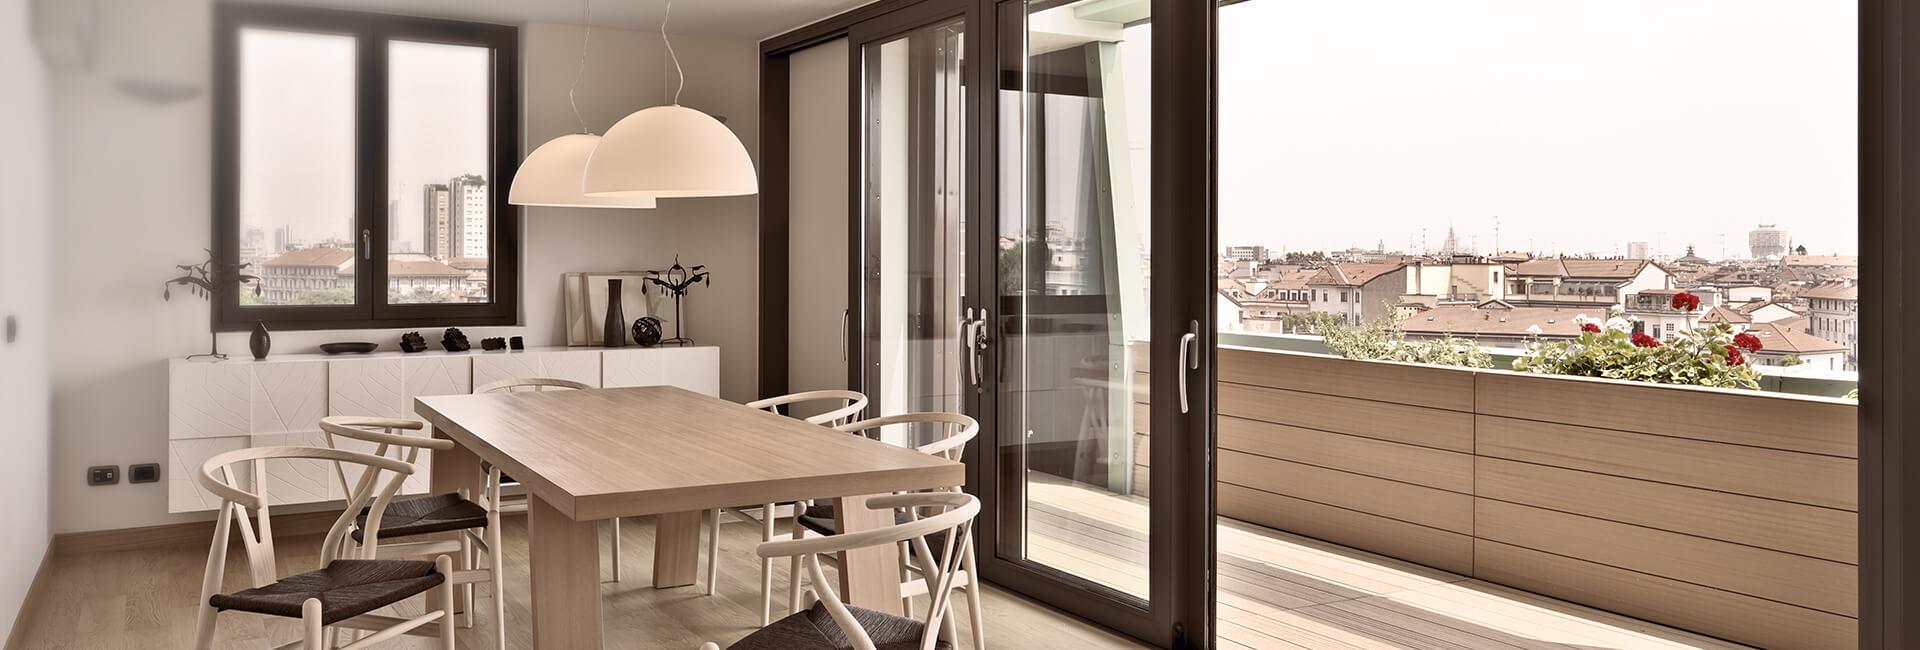 fenster schreinerei stefan koch. Black Bedroom Furniture Sets. Home Design Ideas